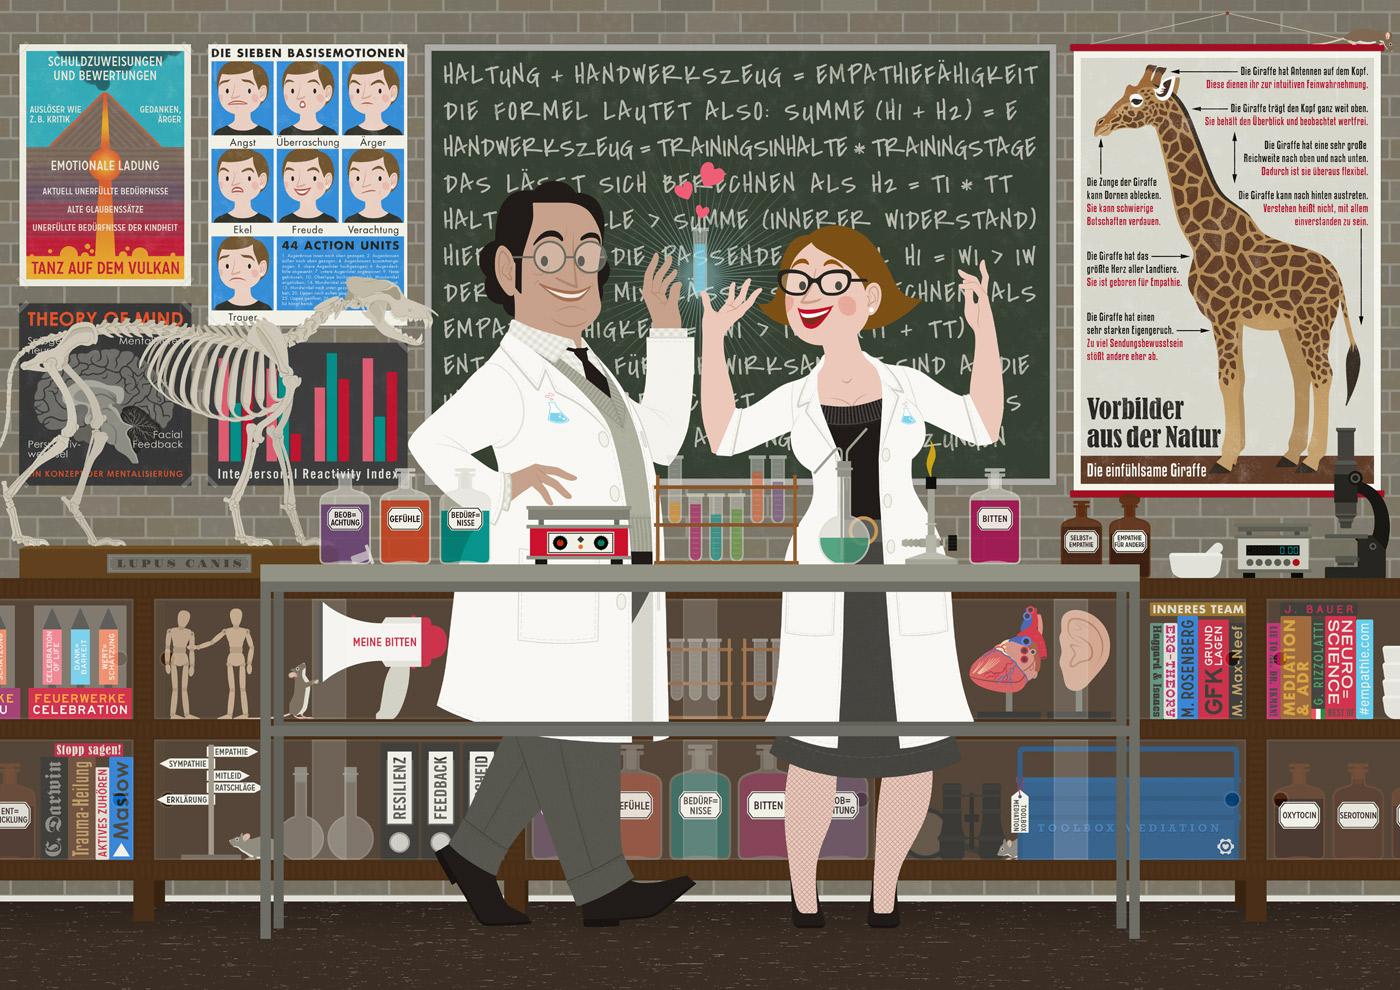 Illustration von einem Empathie-Labor, wo Chemikerin und Chemiker in einem Labor mit Reagenzgläsern und Laborkolben, einem Wolfsskelett und Infografik zu Mimikresonanz, Vulkan und Giraffe die Formel für Empathie finden, für EmpaTrain